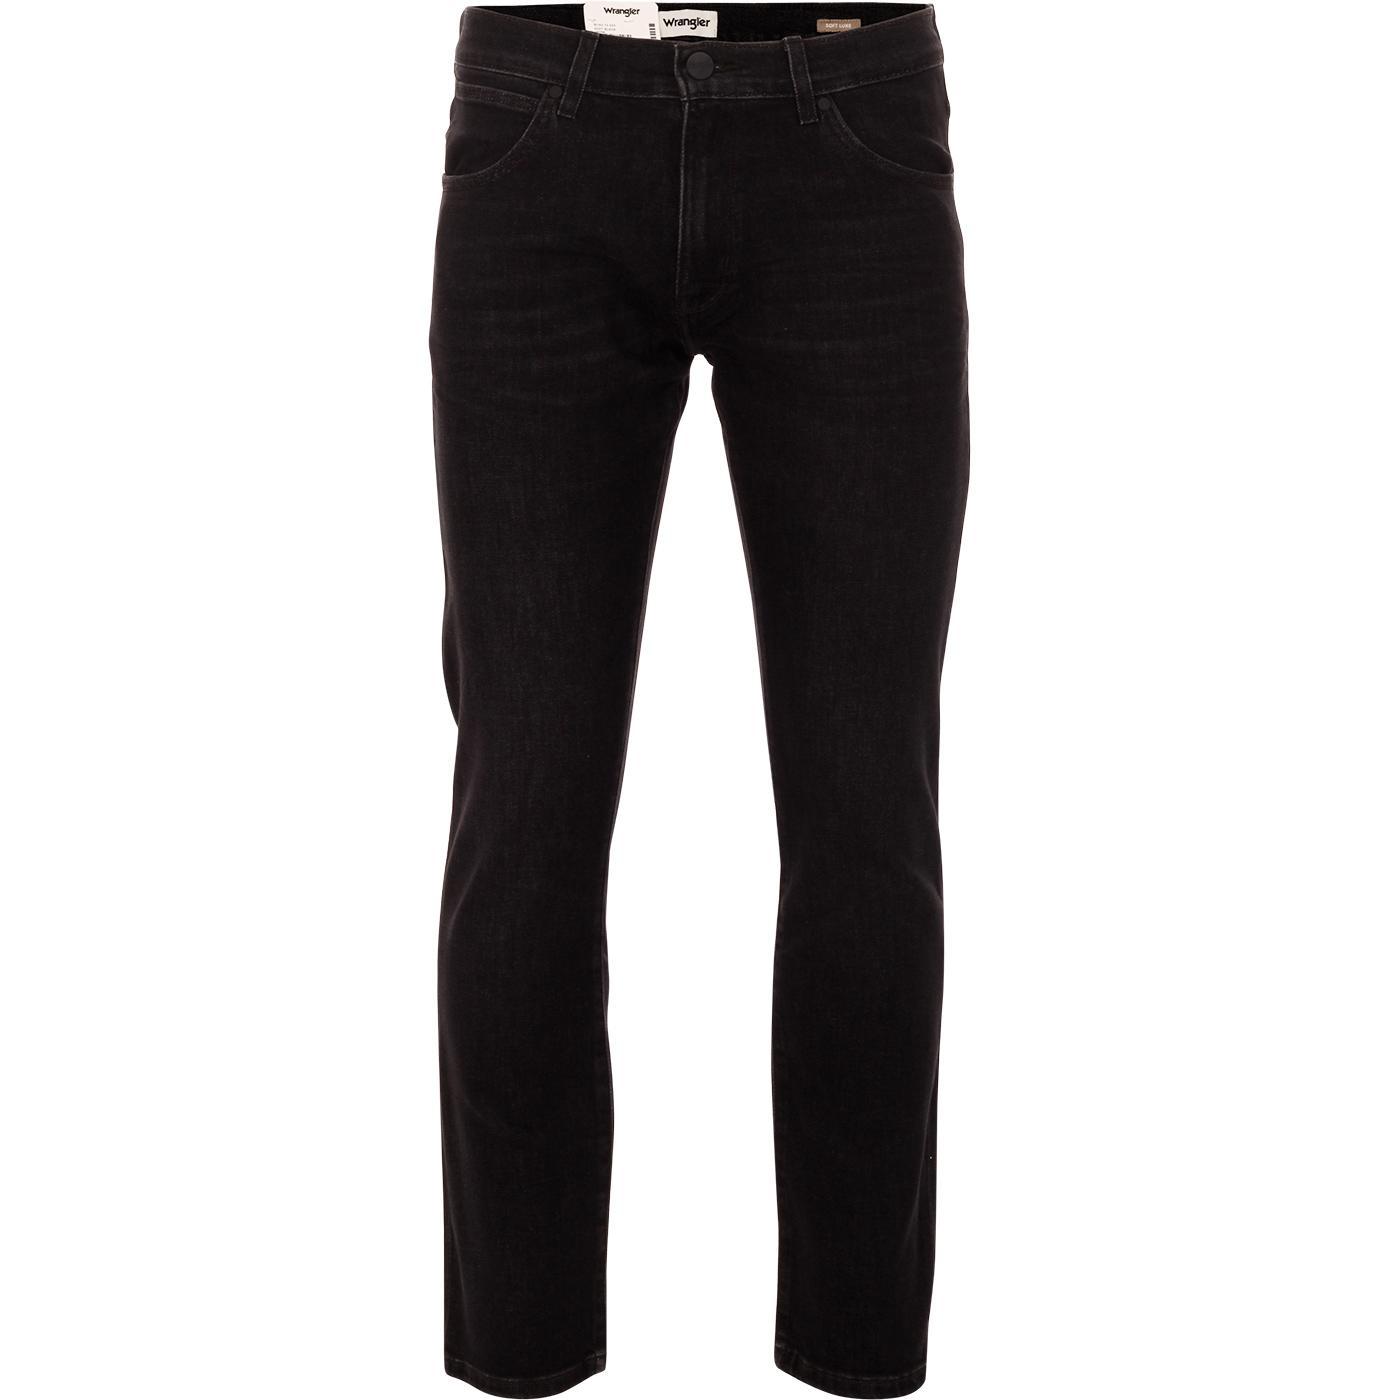 Larston WRANGLER Slim Tapered Denim Jeans SB